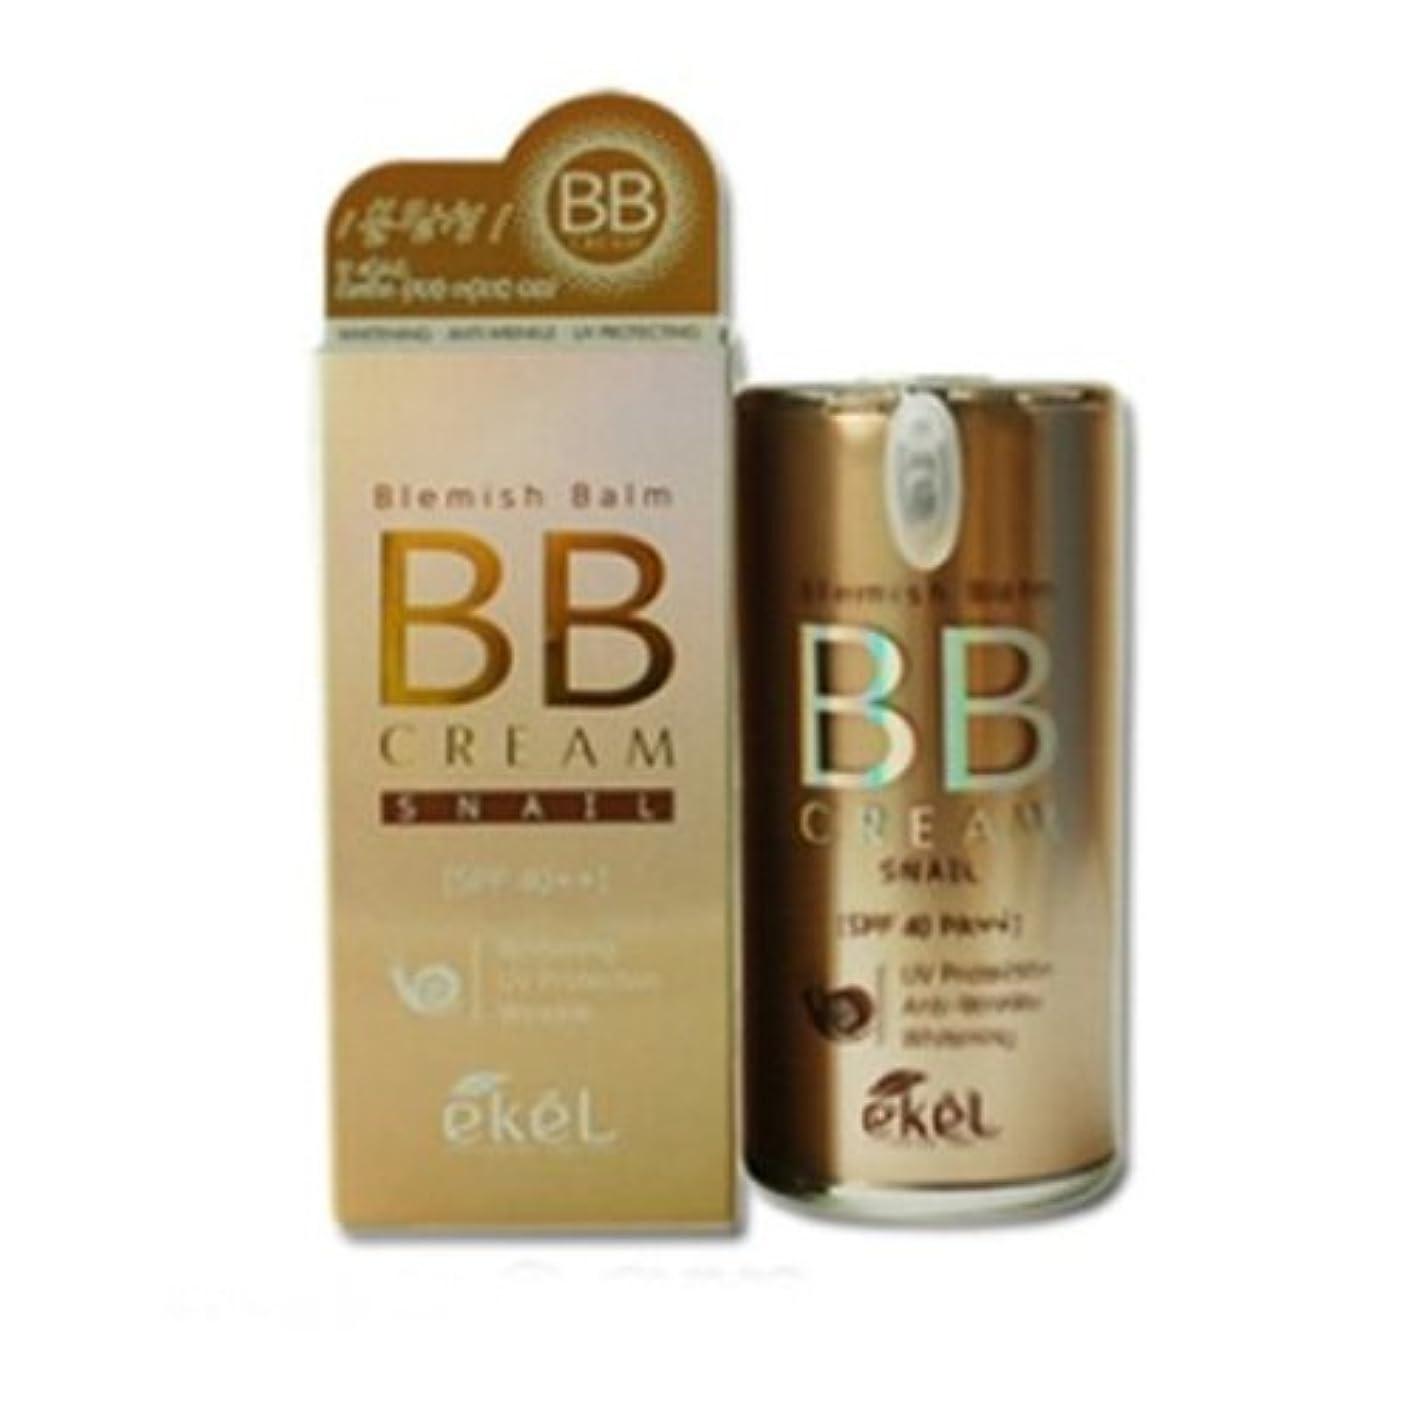 シャーク眉極端なイケル[韓国コスメEkel]Blemish Balm Snail BB Cream ブレムスバームカタツムリBBクリーム50g SPF40 PA++[並行輸入品]